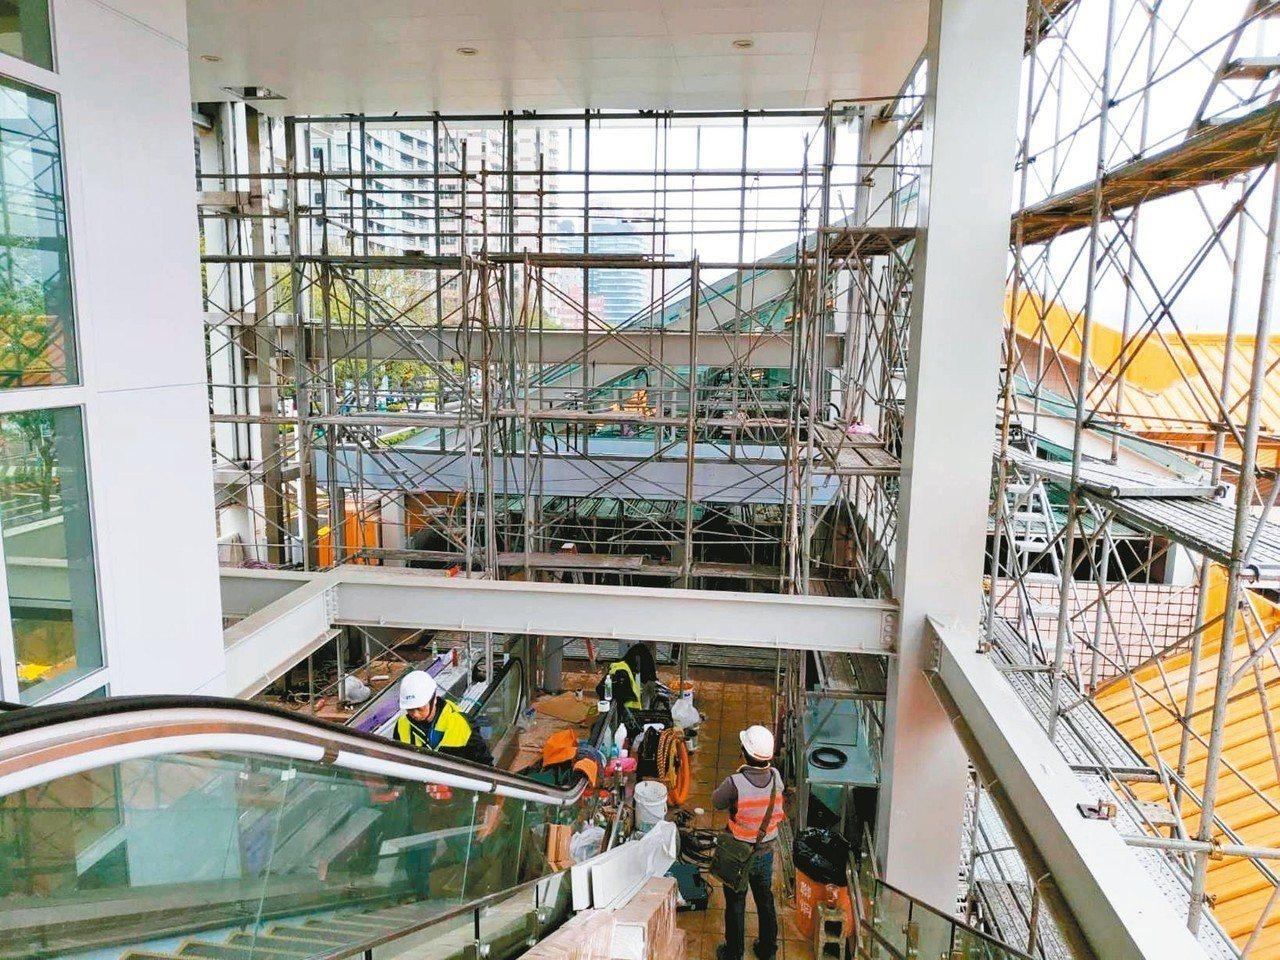 淡海輕軌和台北捷運紅樹林站連通道工程正在施工,預計七月完成,屆時民眾轉乘淡海輕軌...